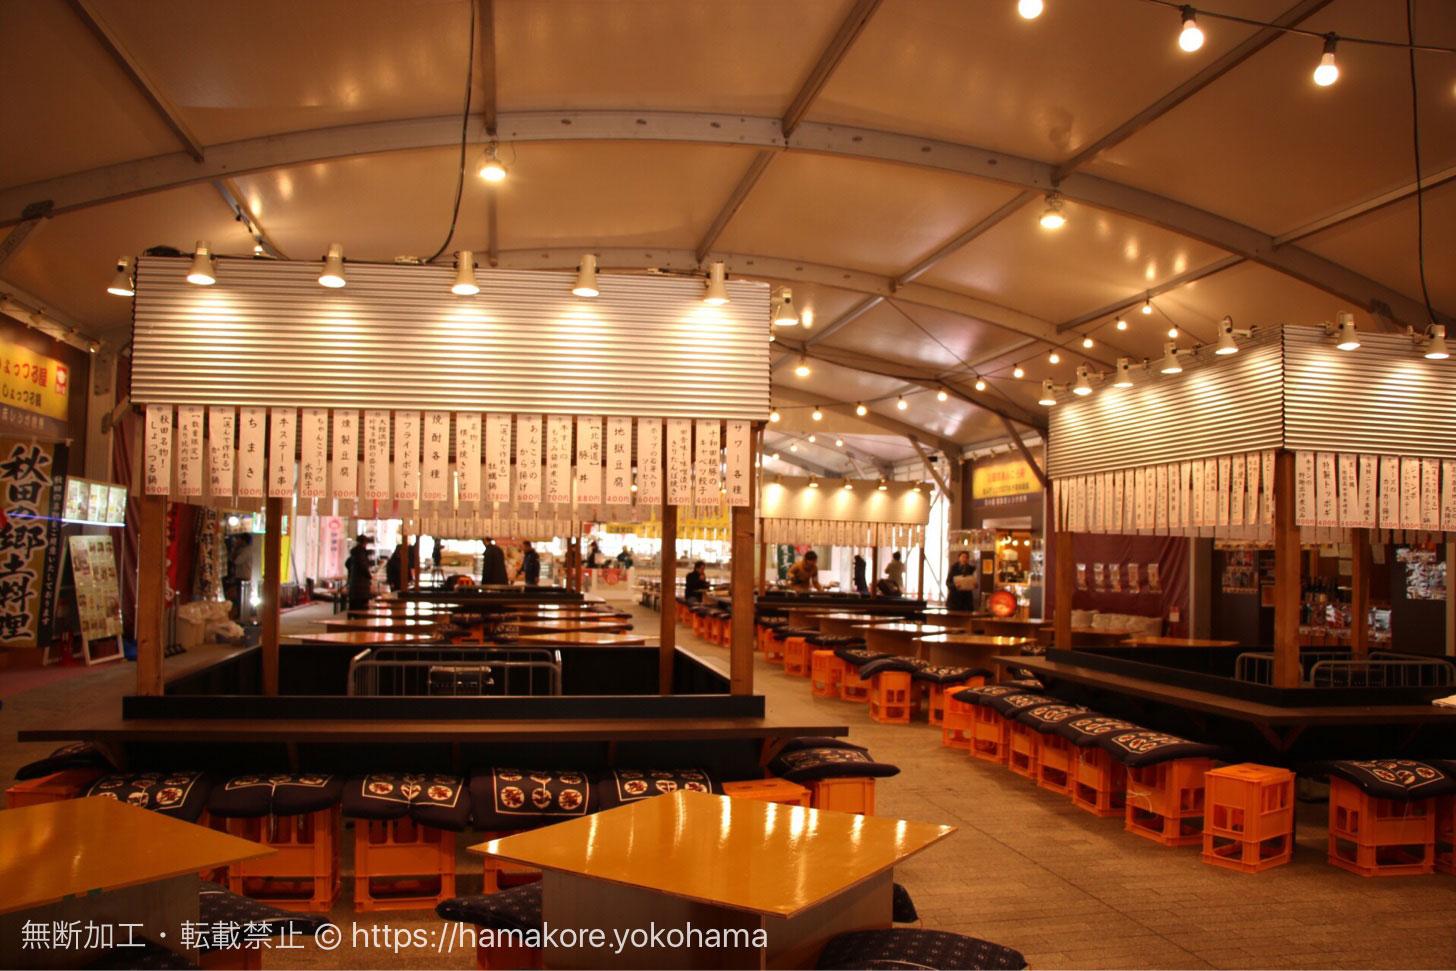 鍋小屋 2018が横浜赤レンガ倉庫で開催中!昭和レトロな雰囲気で日本各地の鍋やカスタマイズ鍋